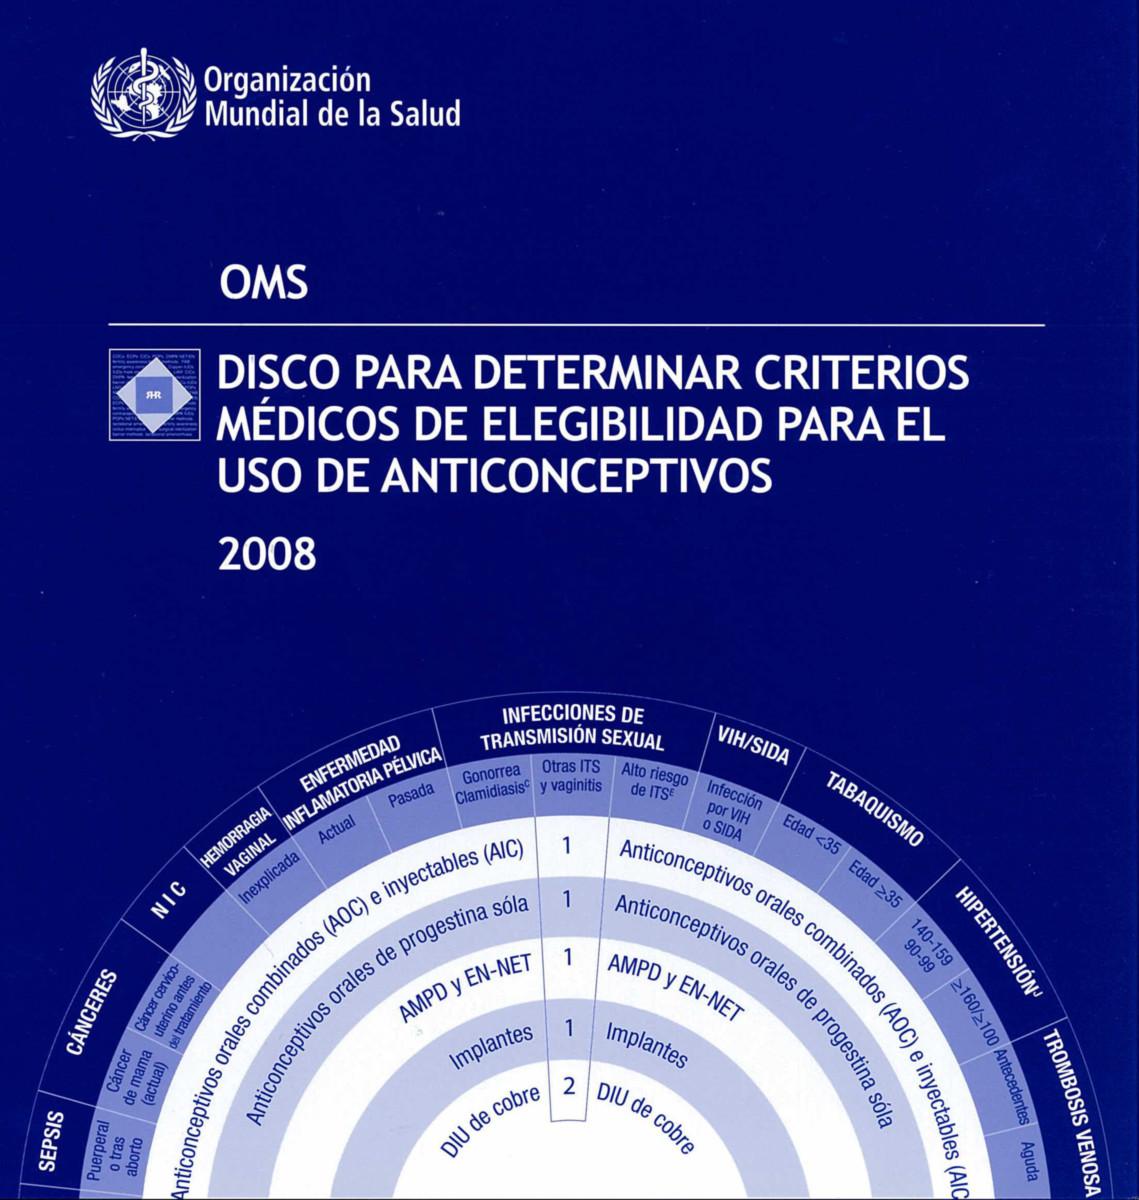 Disco para determinar criterios médicos de elegibilidad para el uso de anticonceptivos  2008